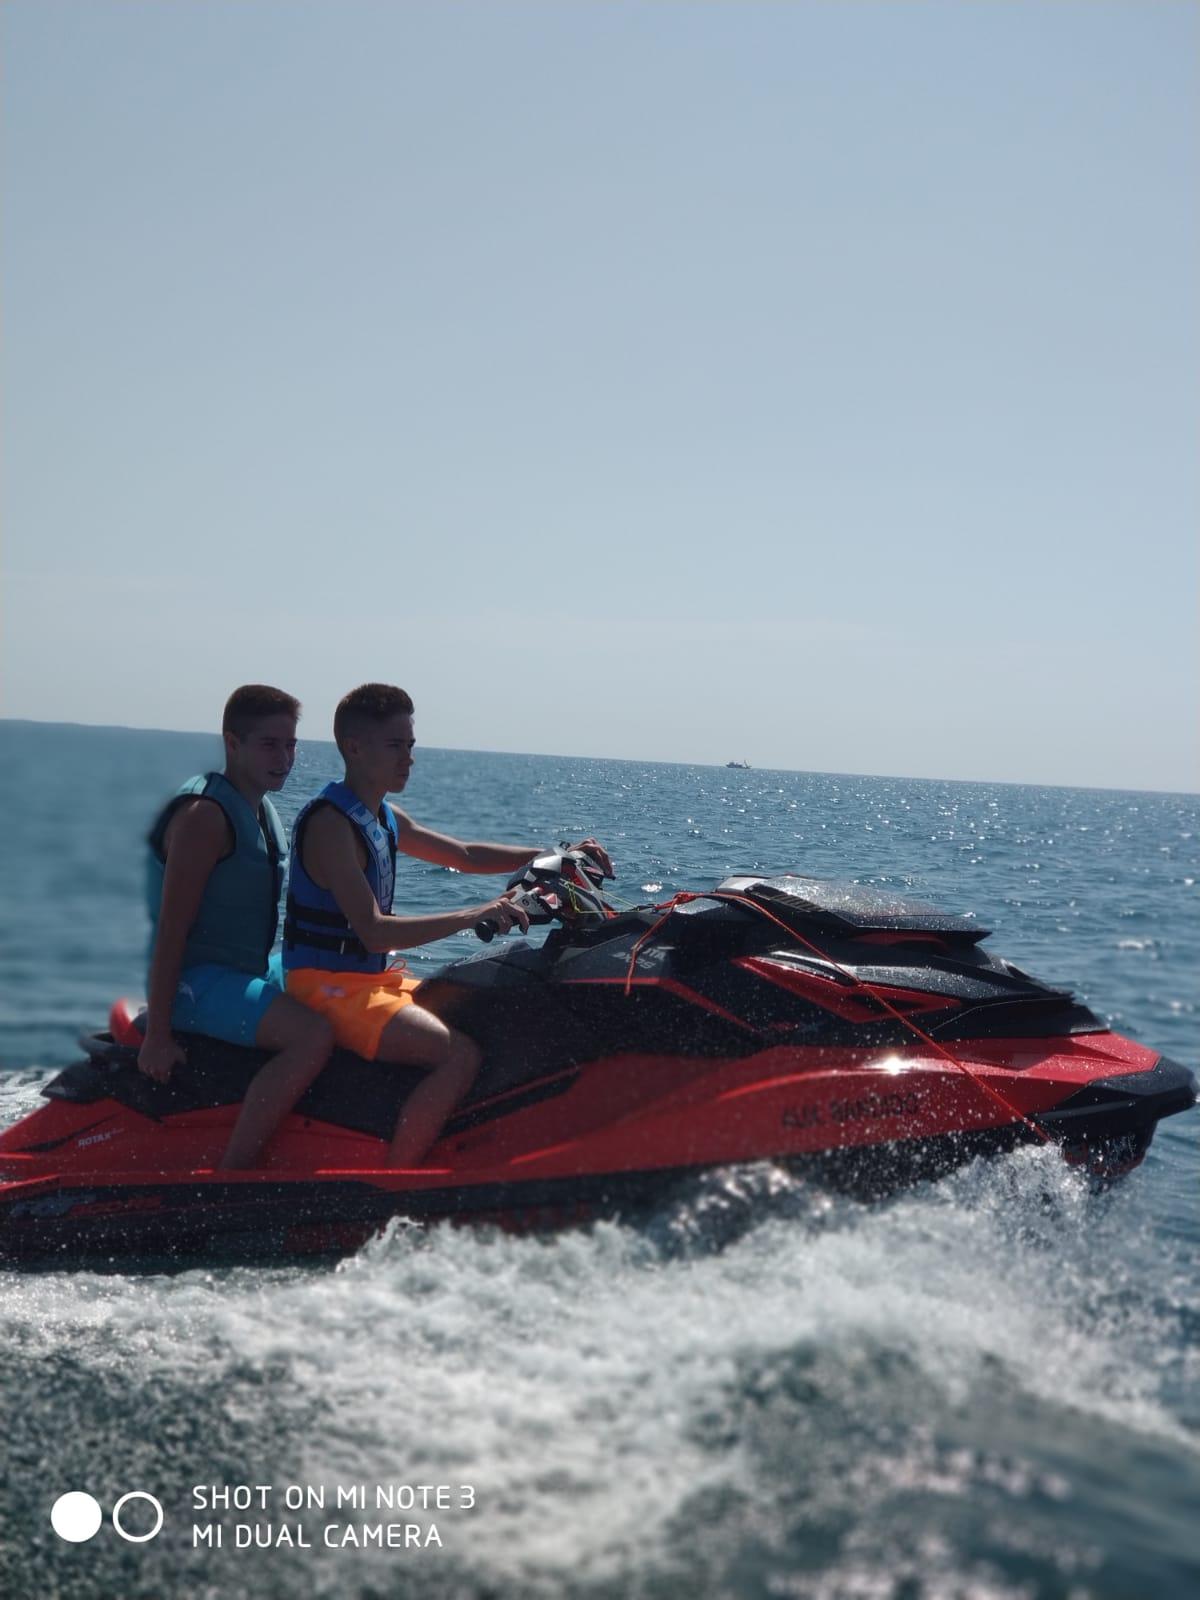 Watercraft of the Bandido 90 / Moto de agua del Bandido 90